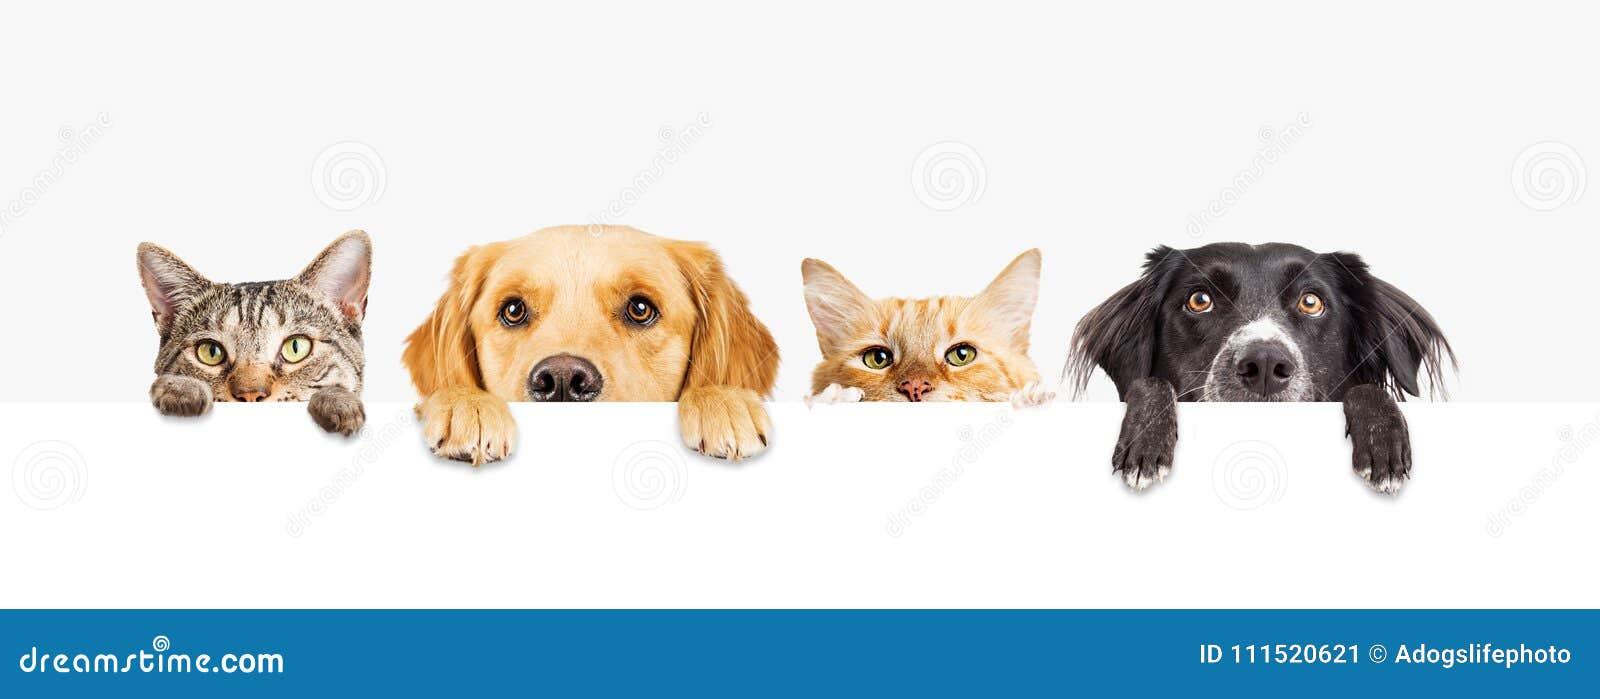 Chiens et chats jetant un coup d oeil au-dessus de la bannière de Web